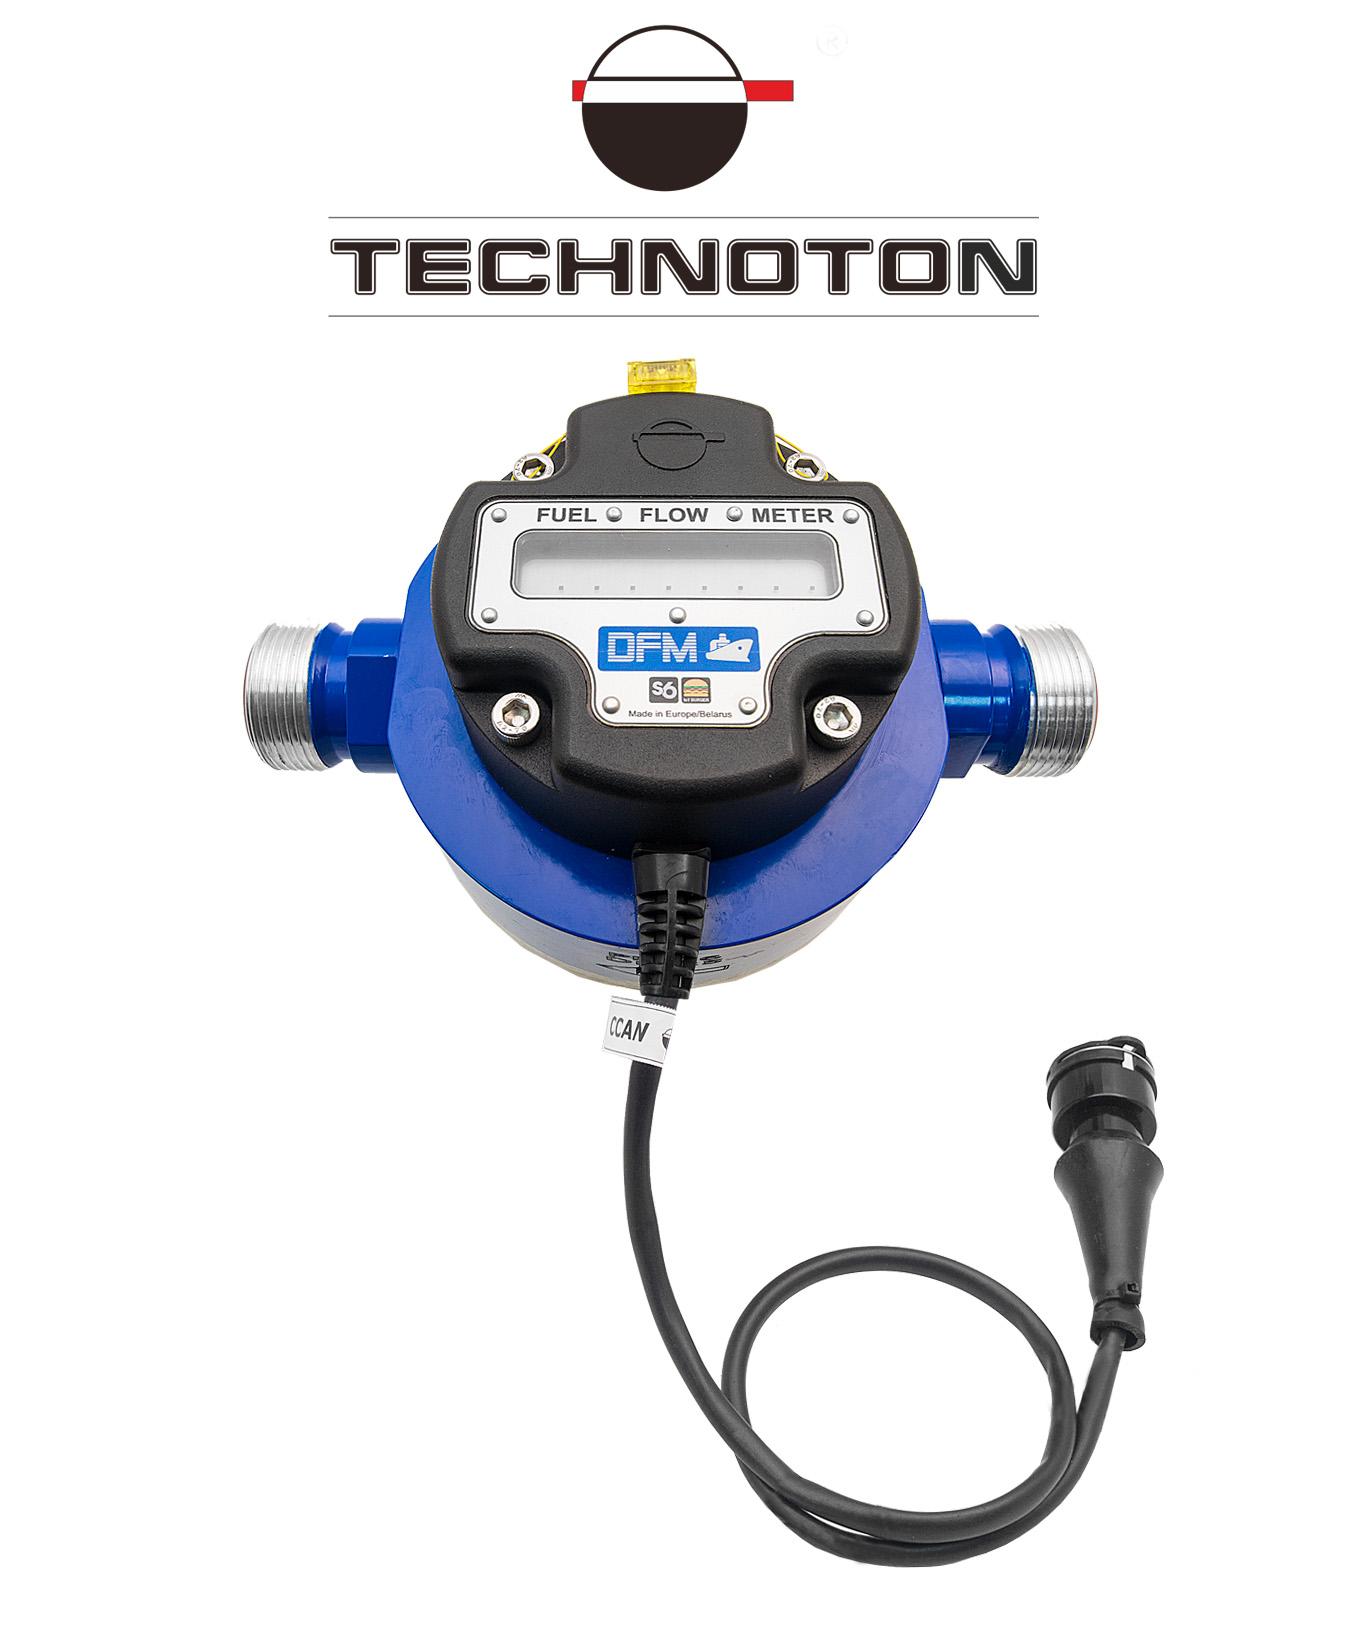 Marine fuel flow meter